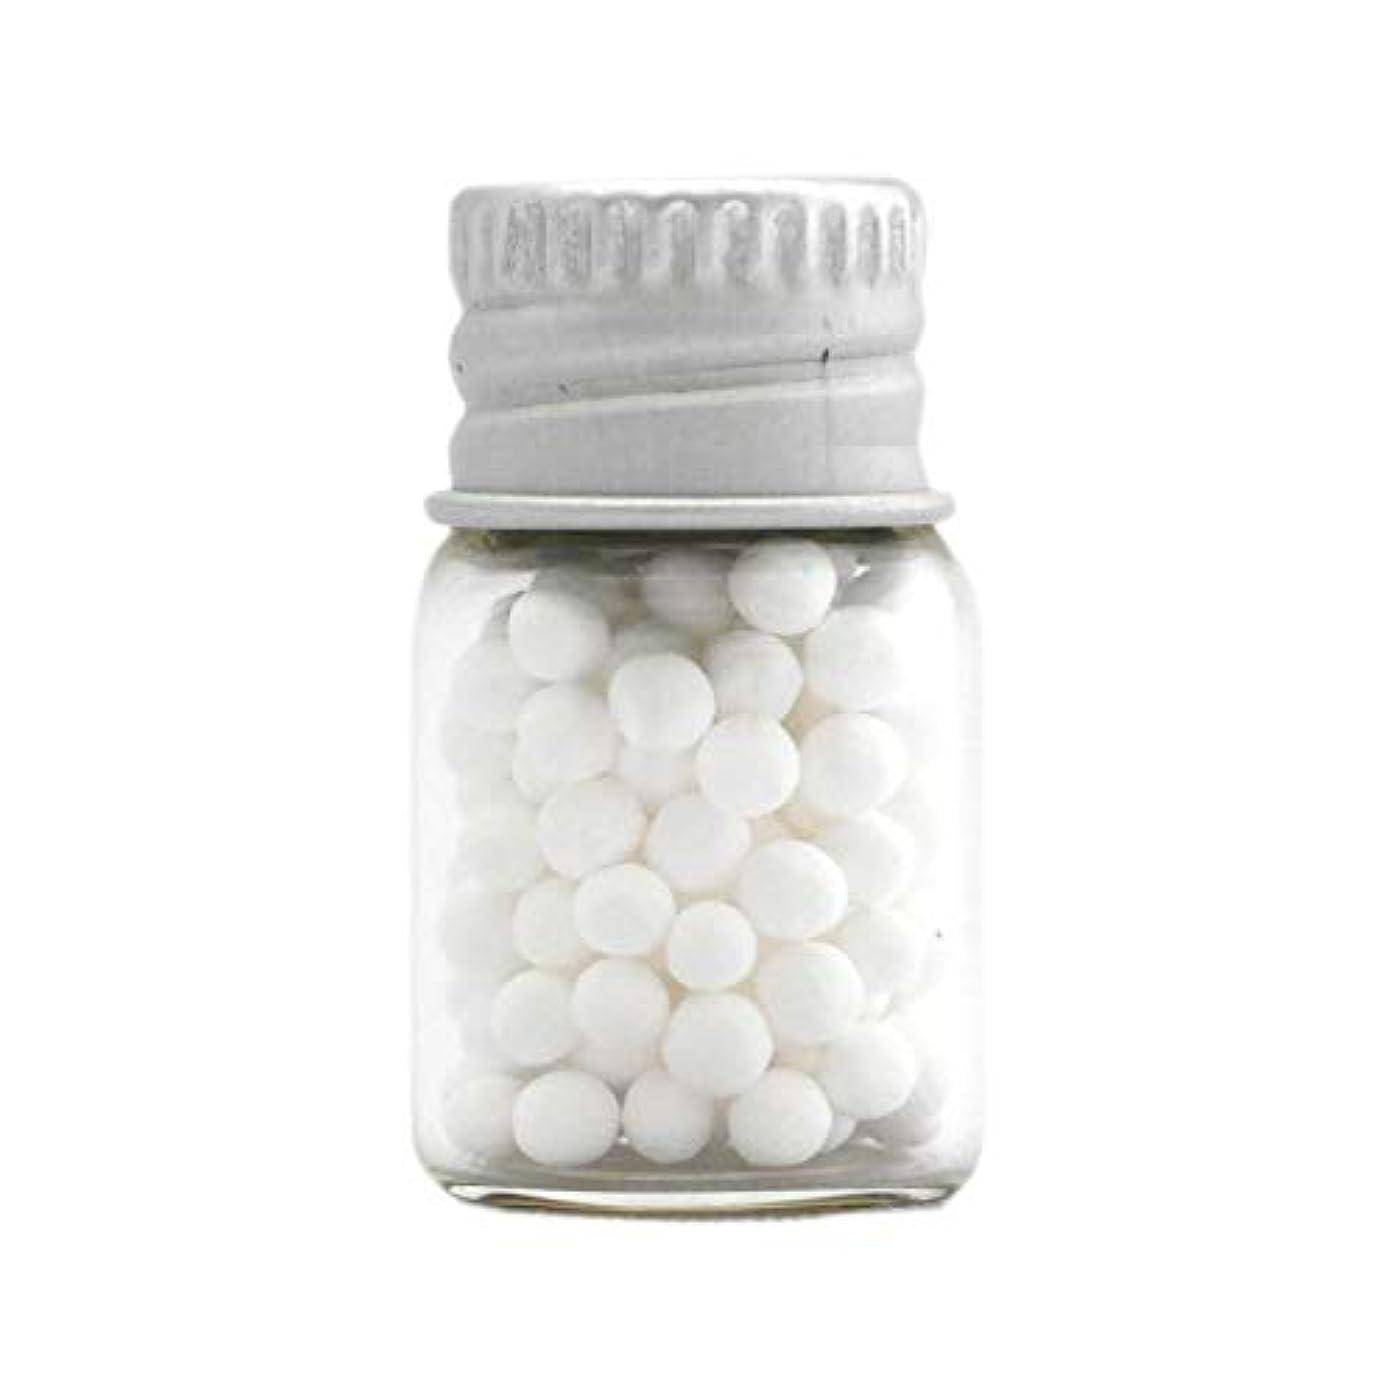 情熱歩道欠点アロマ?エコビーズ(直径約2mm)0.5g 銀色フタ付きミニボトル入り 香りをしみこませることのできるアロマボール